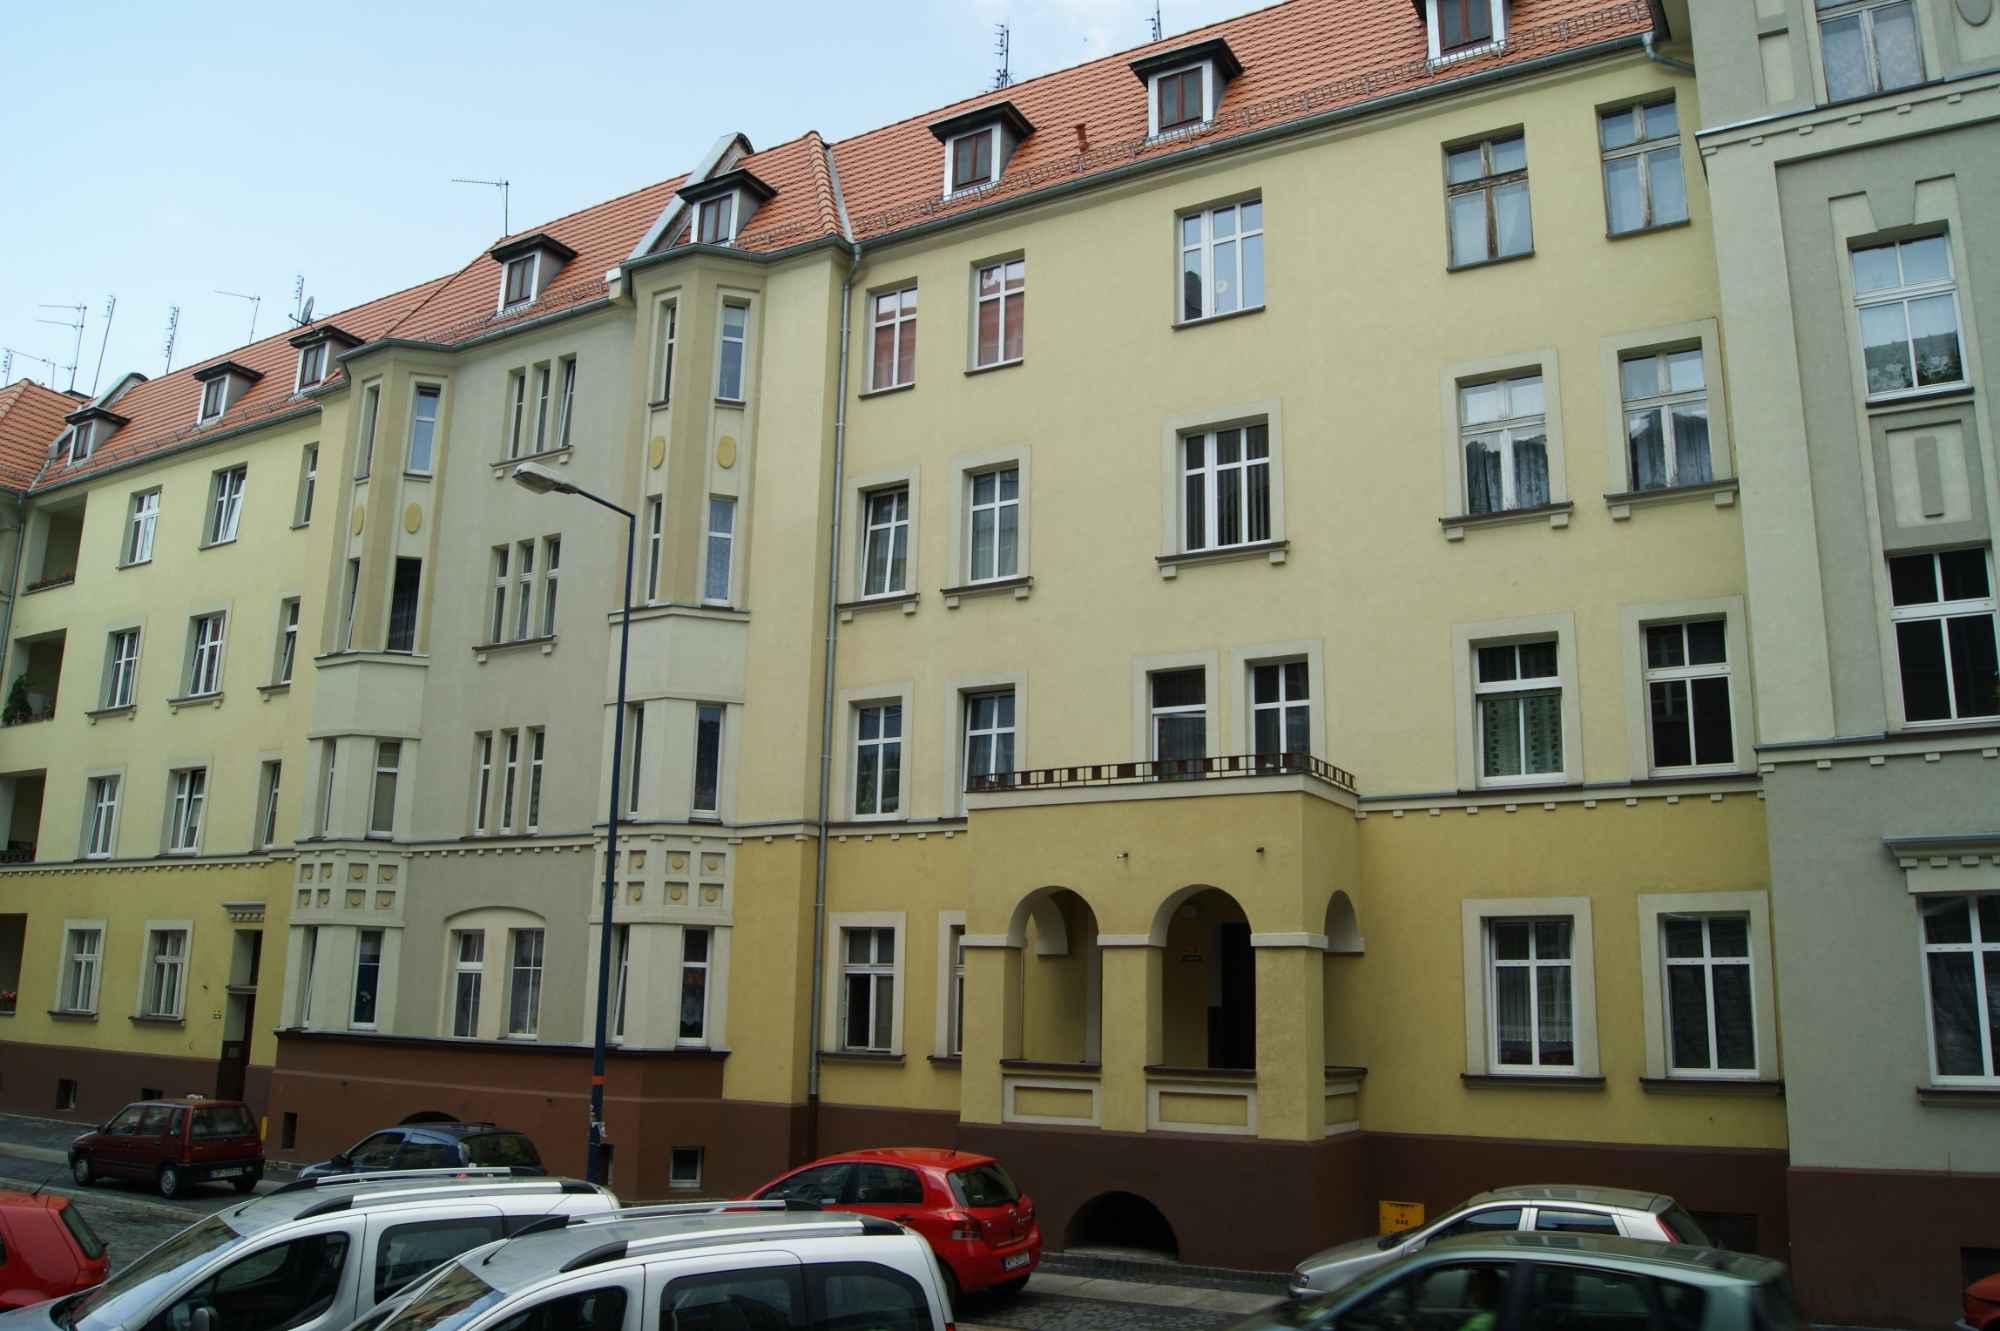 Mieszkanie do wynajęcia w Opolu ,opolskie Opole - zdjęcie 3